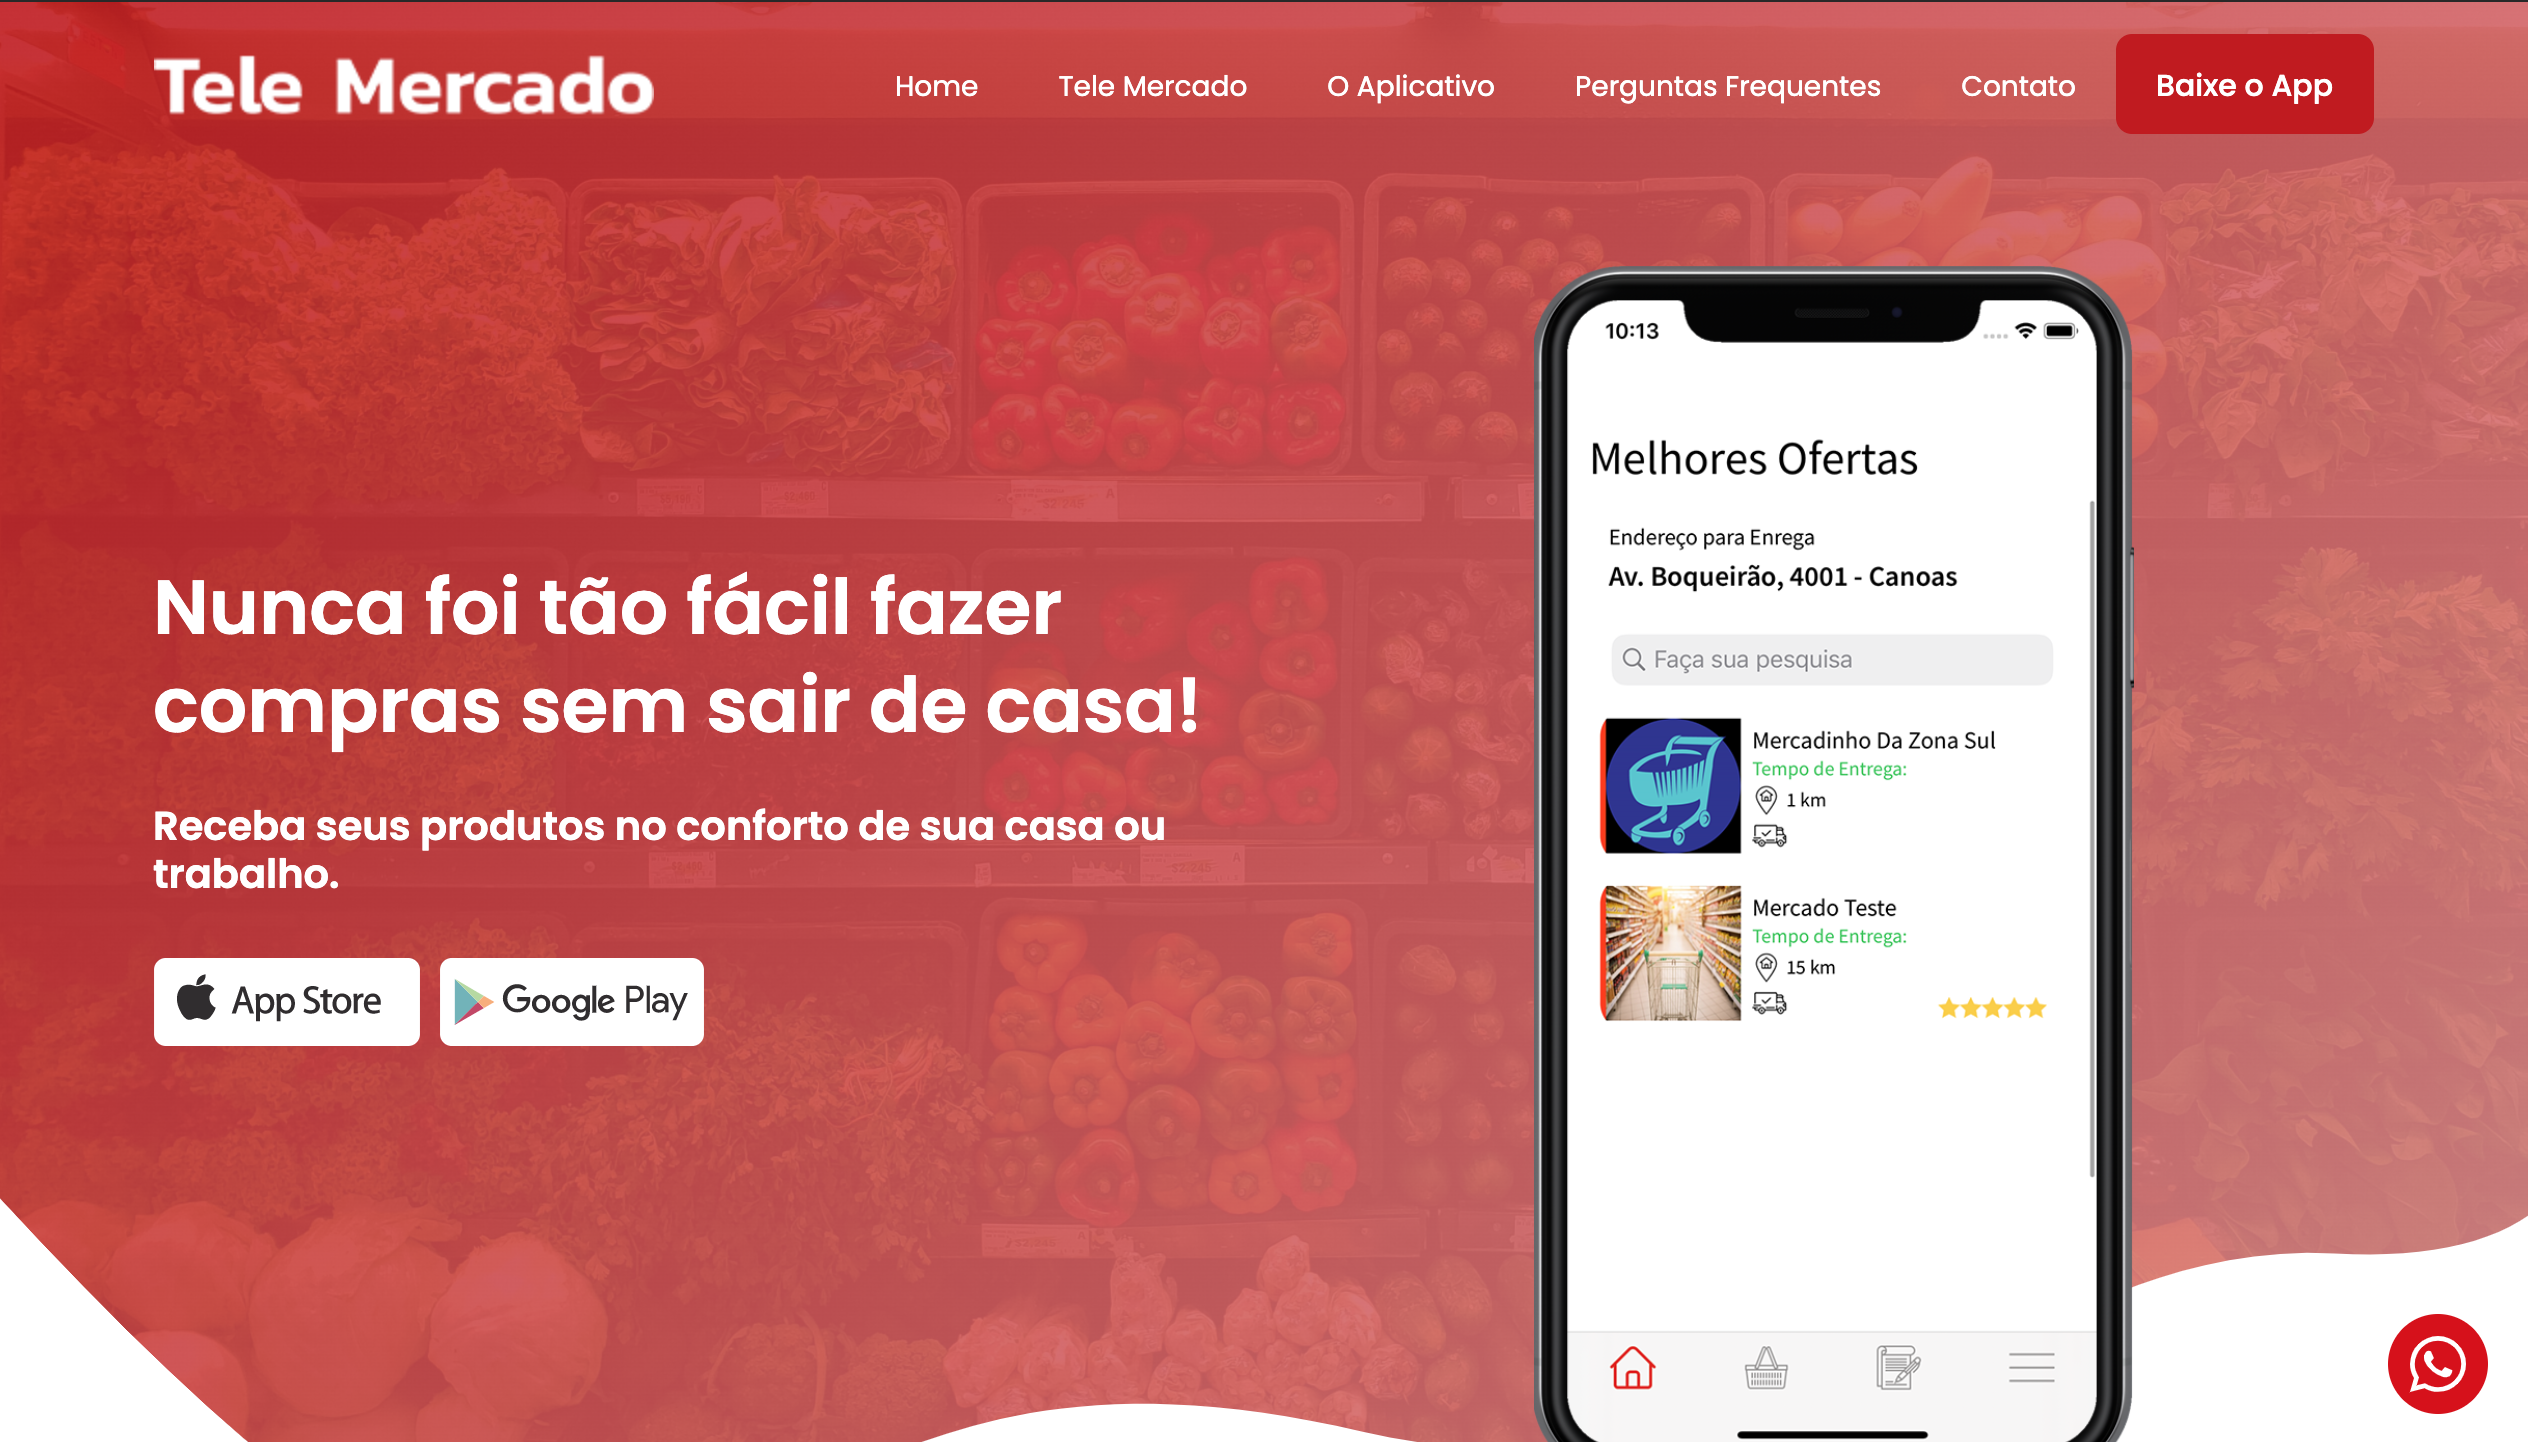 Tele Mercado